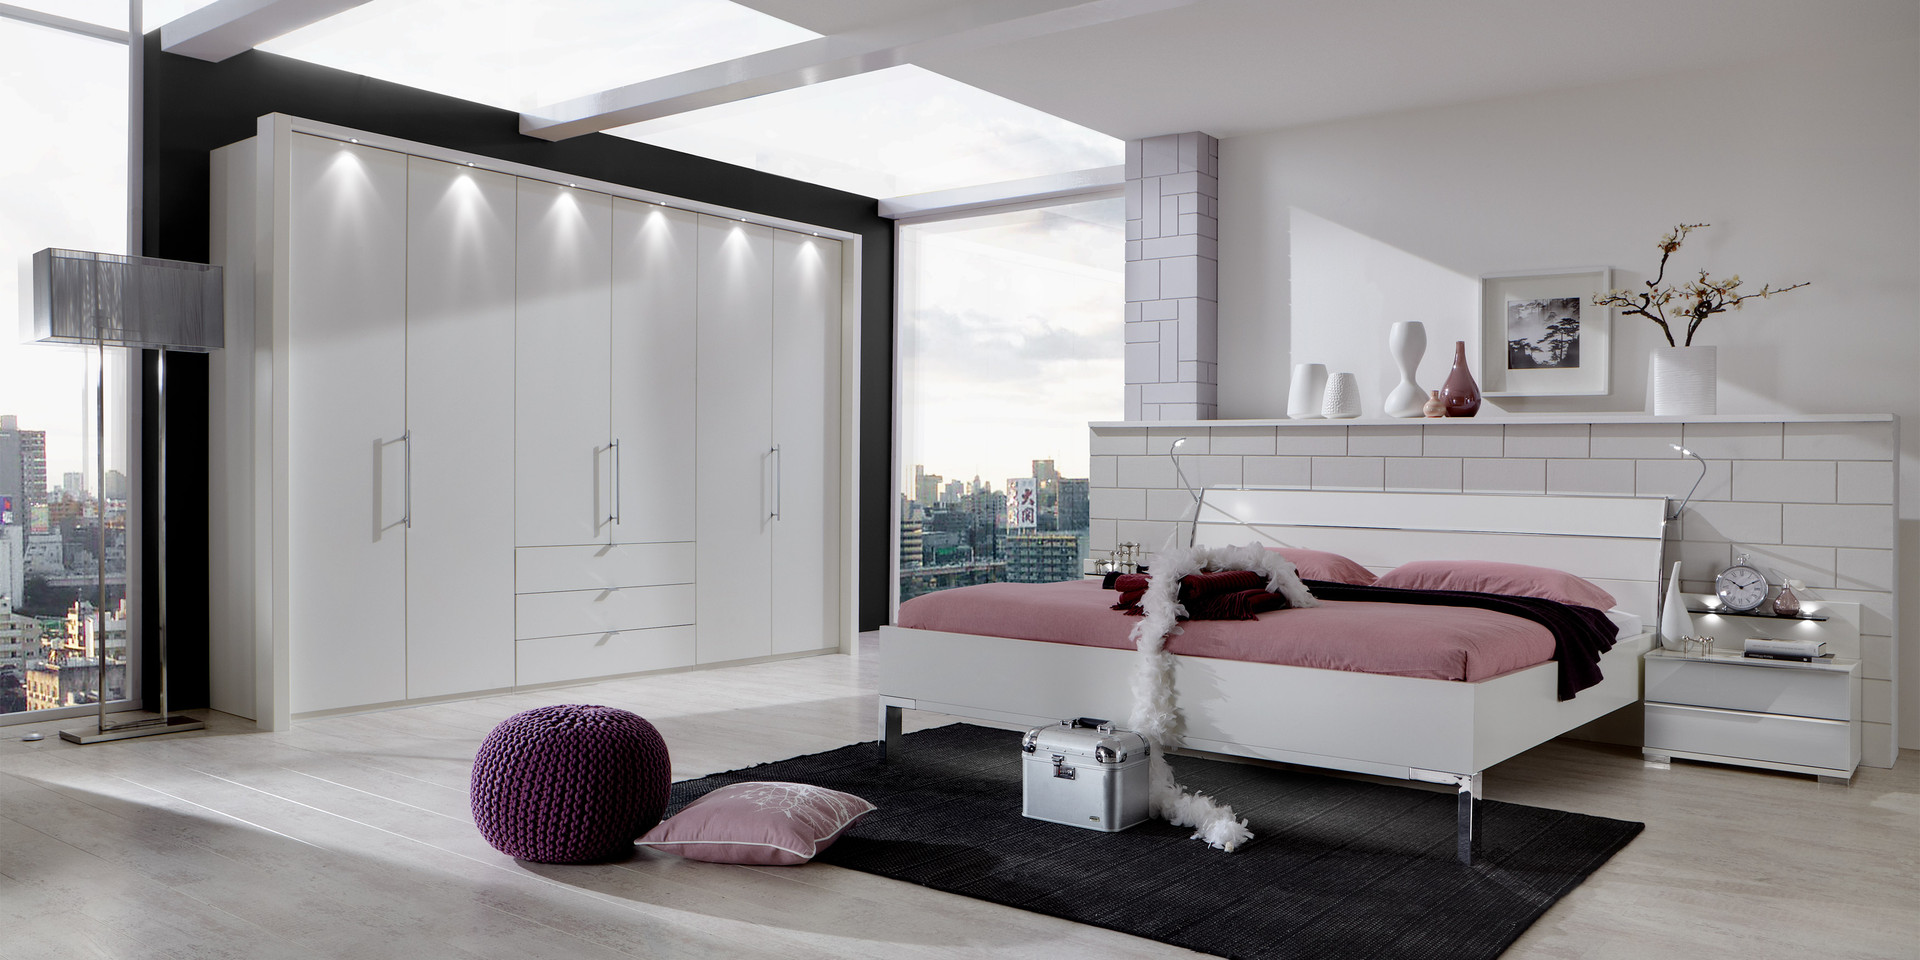 Schlafzimmer eckschrank weiß – midir